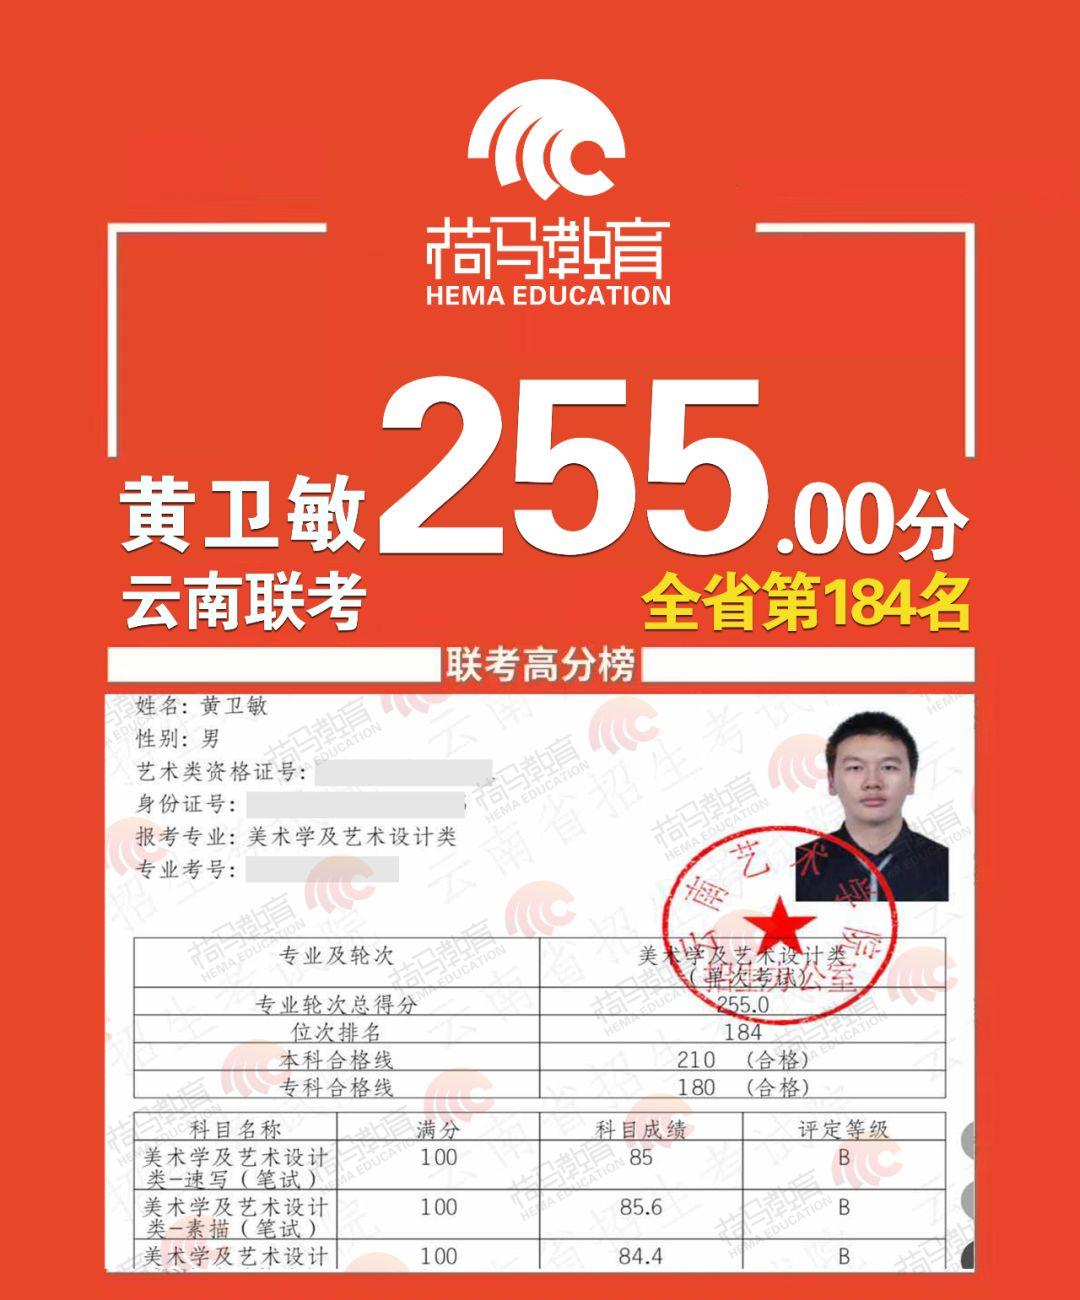 2019荷马教育云南校区联考成绩汇报